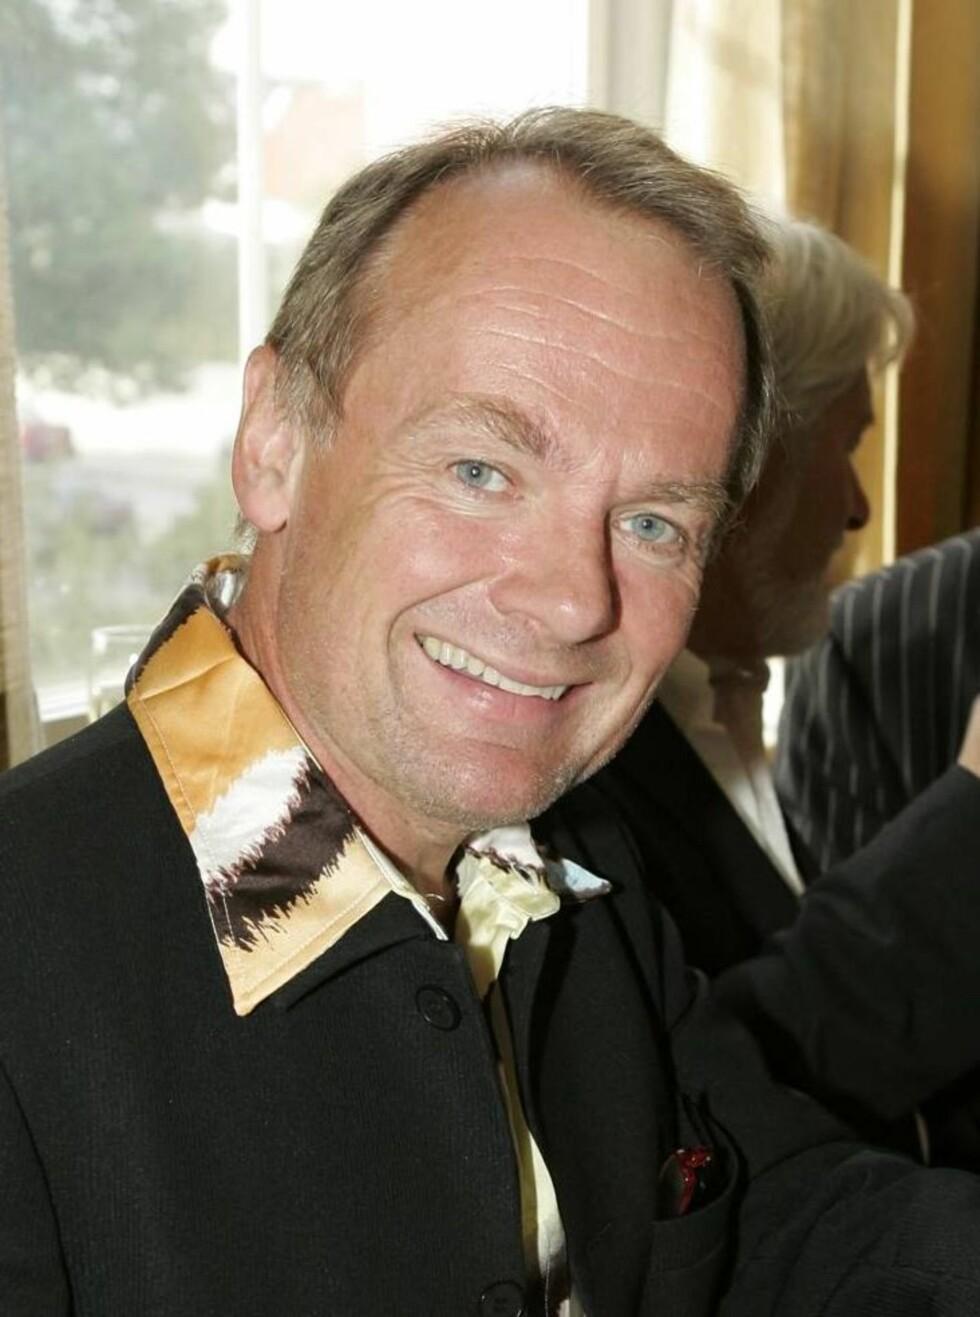 ISDANSER: Per Christian Ellefsen gleder seg til å isdanse - men han mener han er best til å gli bakover. Foto: Espen Solli, Se og Hør